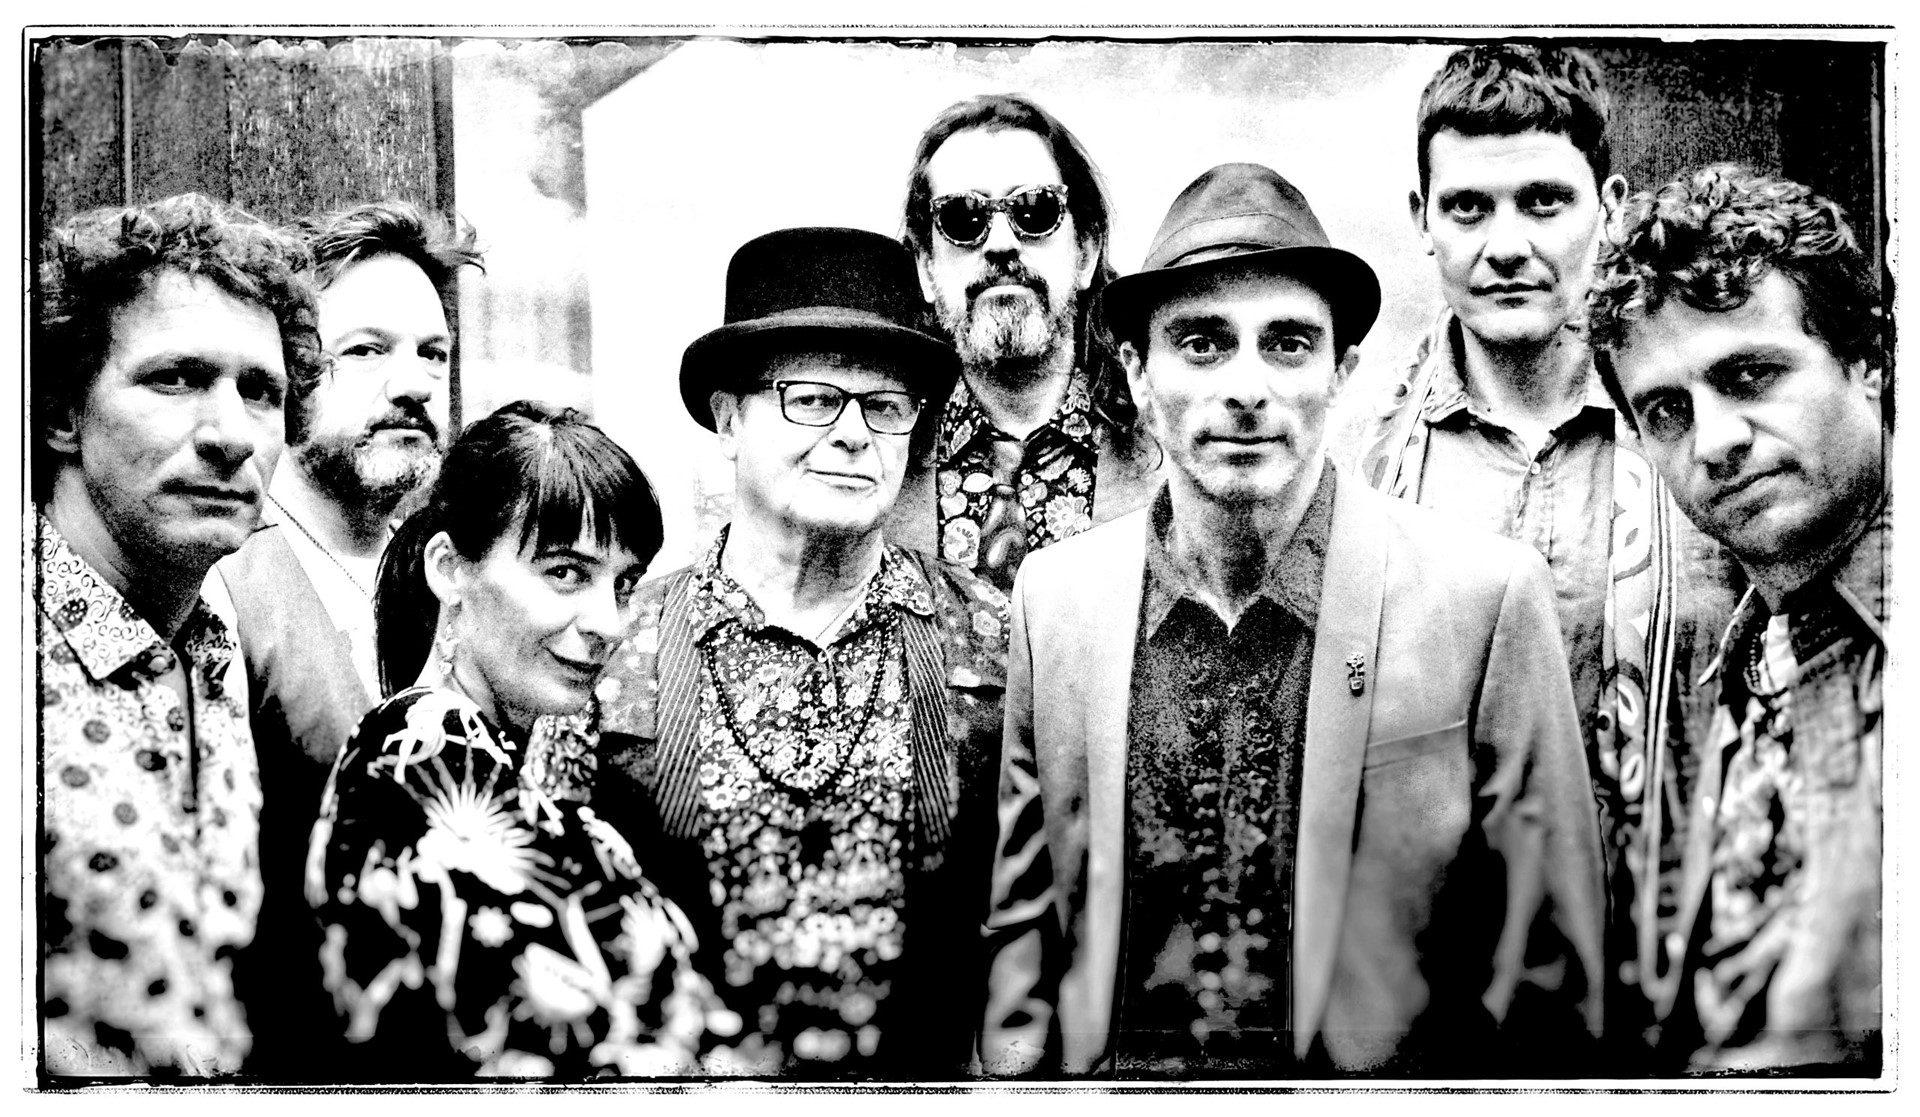 Integrantes del grupo de tango electrónico Bajofondo.